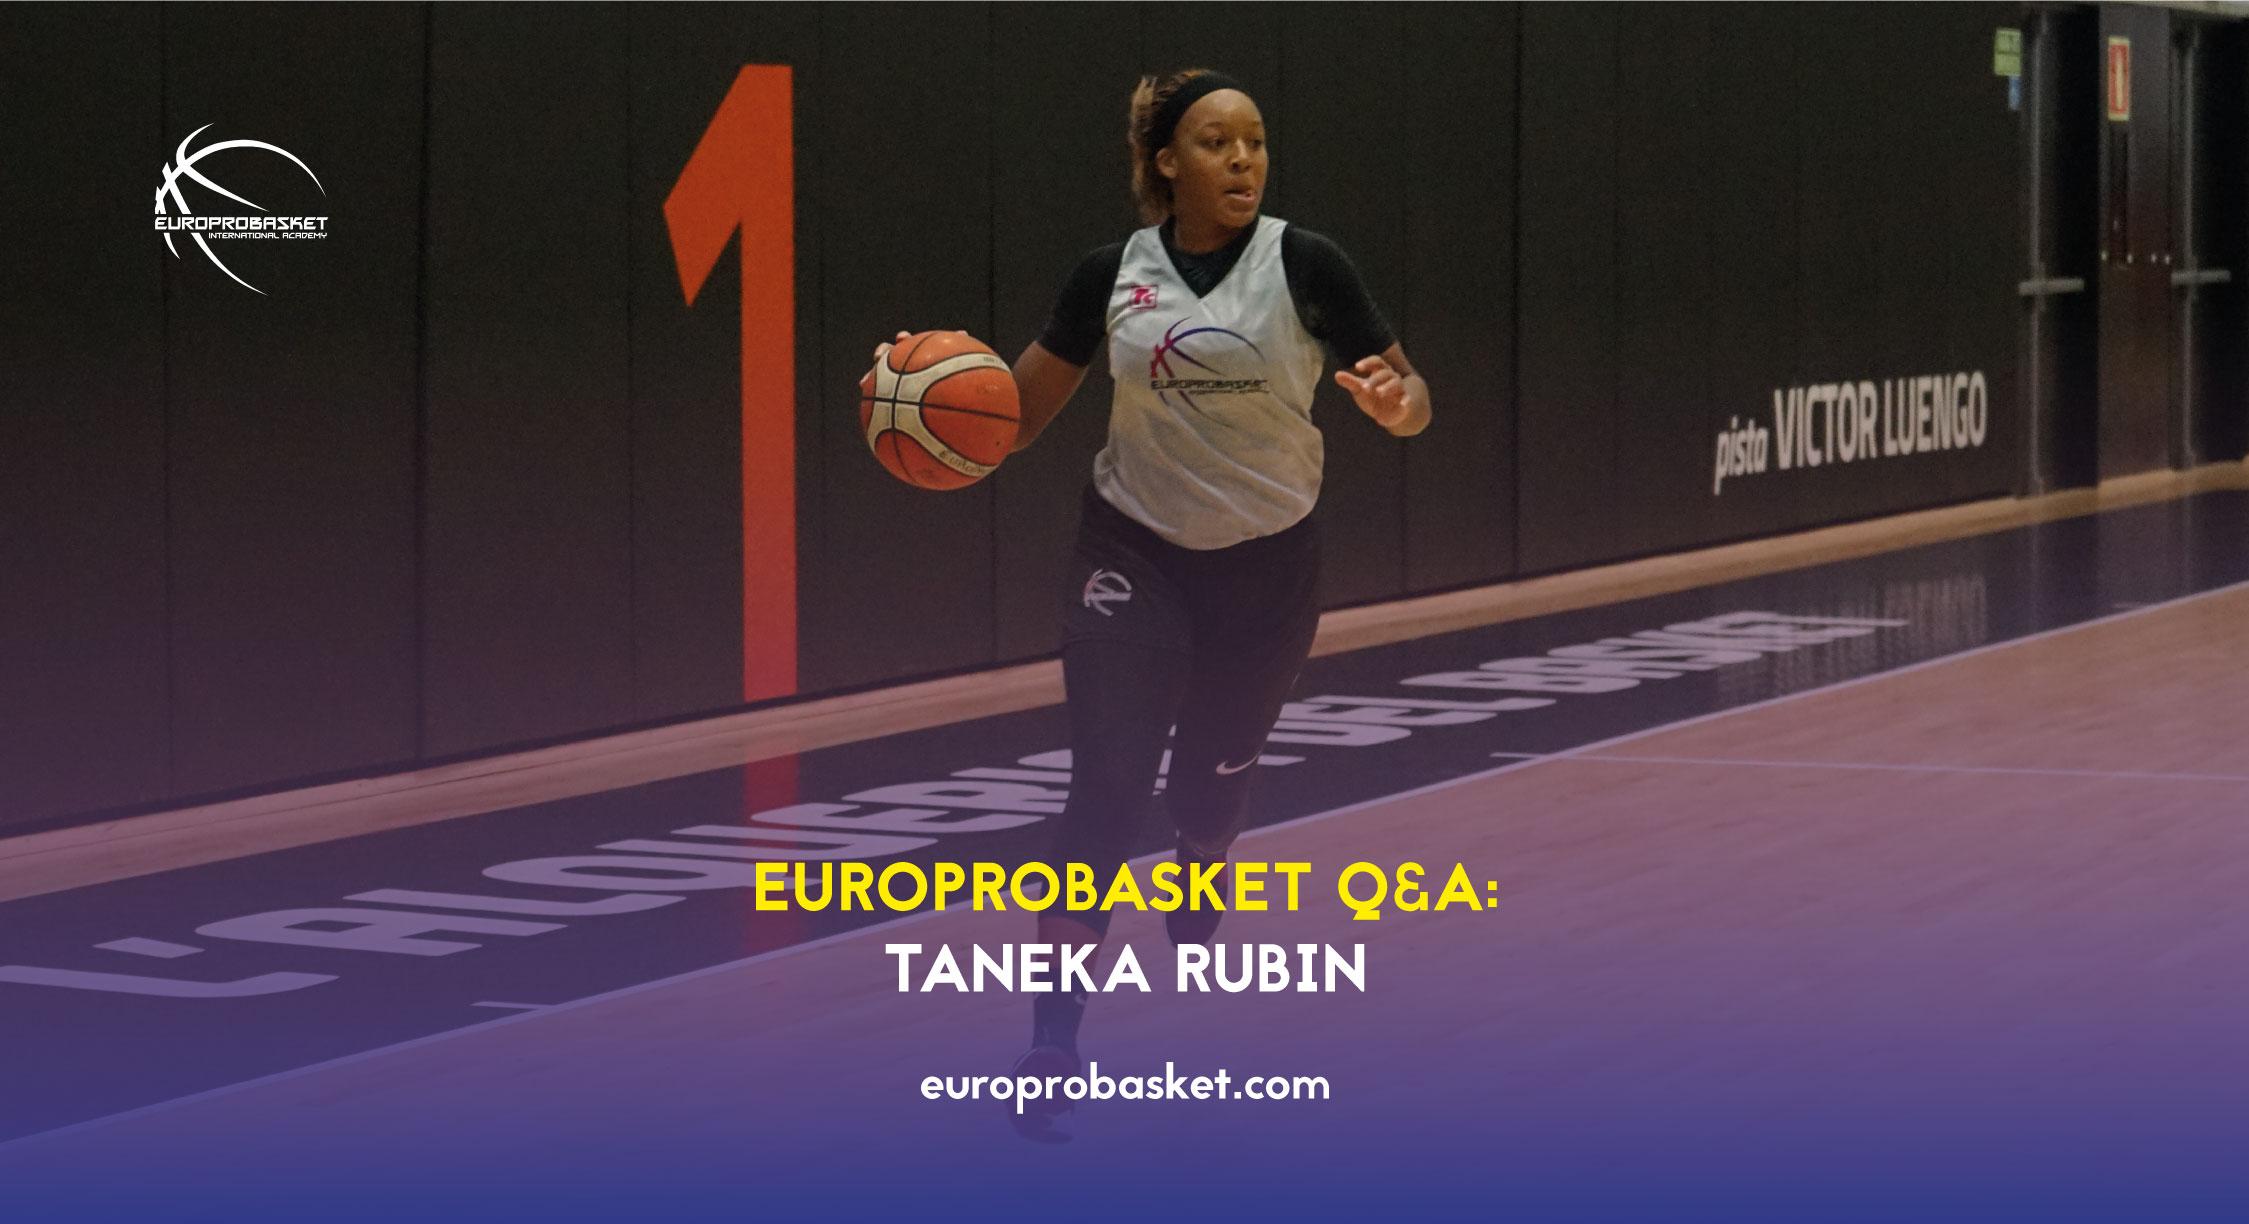 Taneka Rubin Q&A